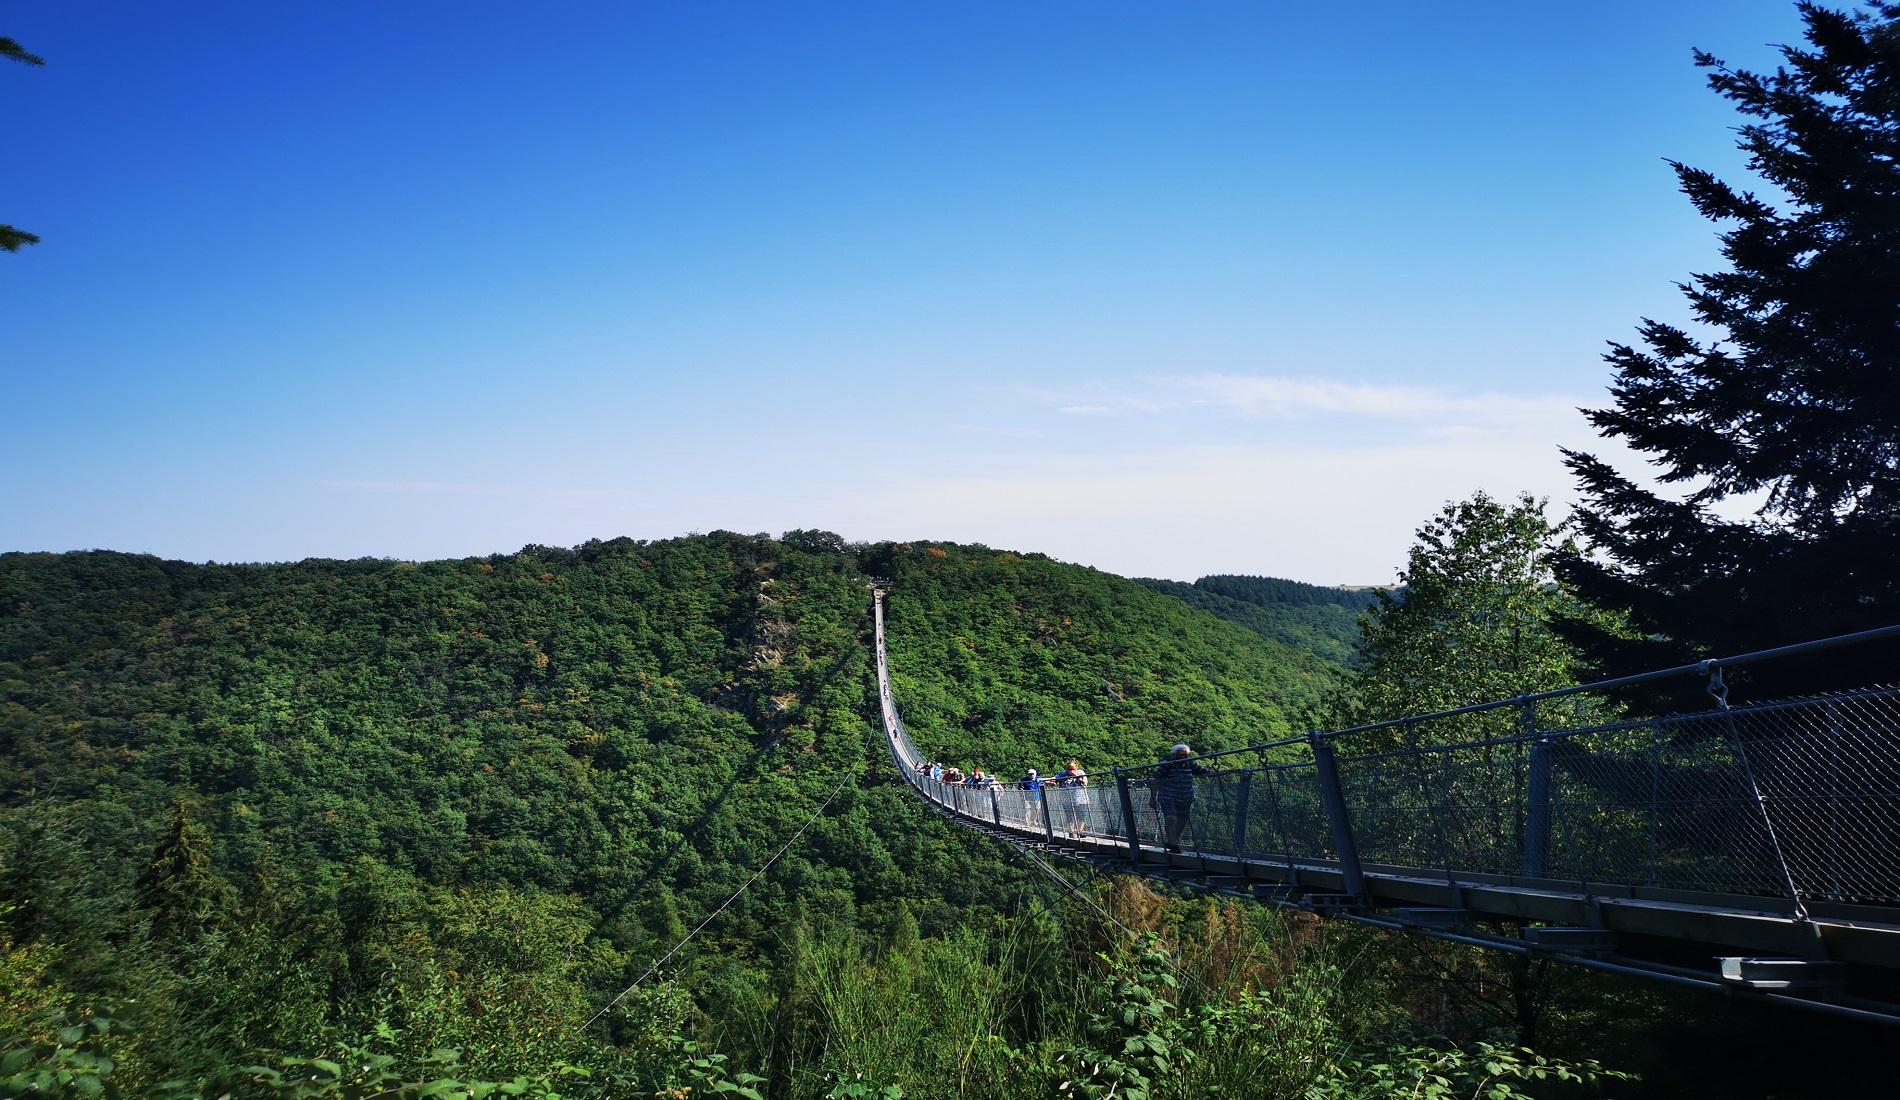 hangbrug Geierlay duitsland reizen